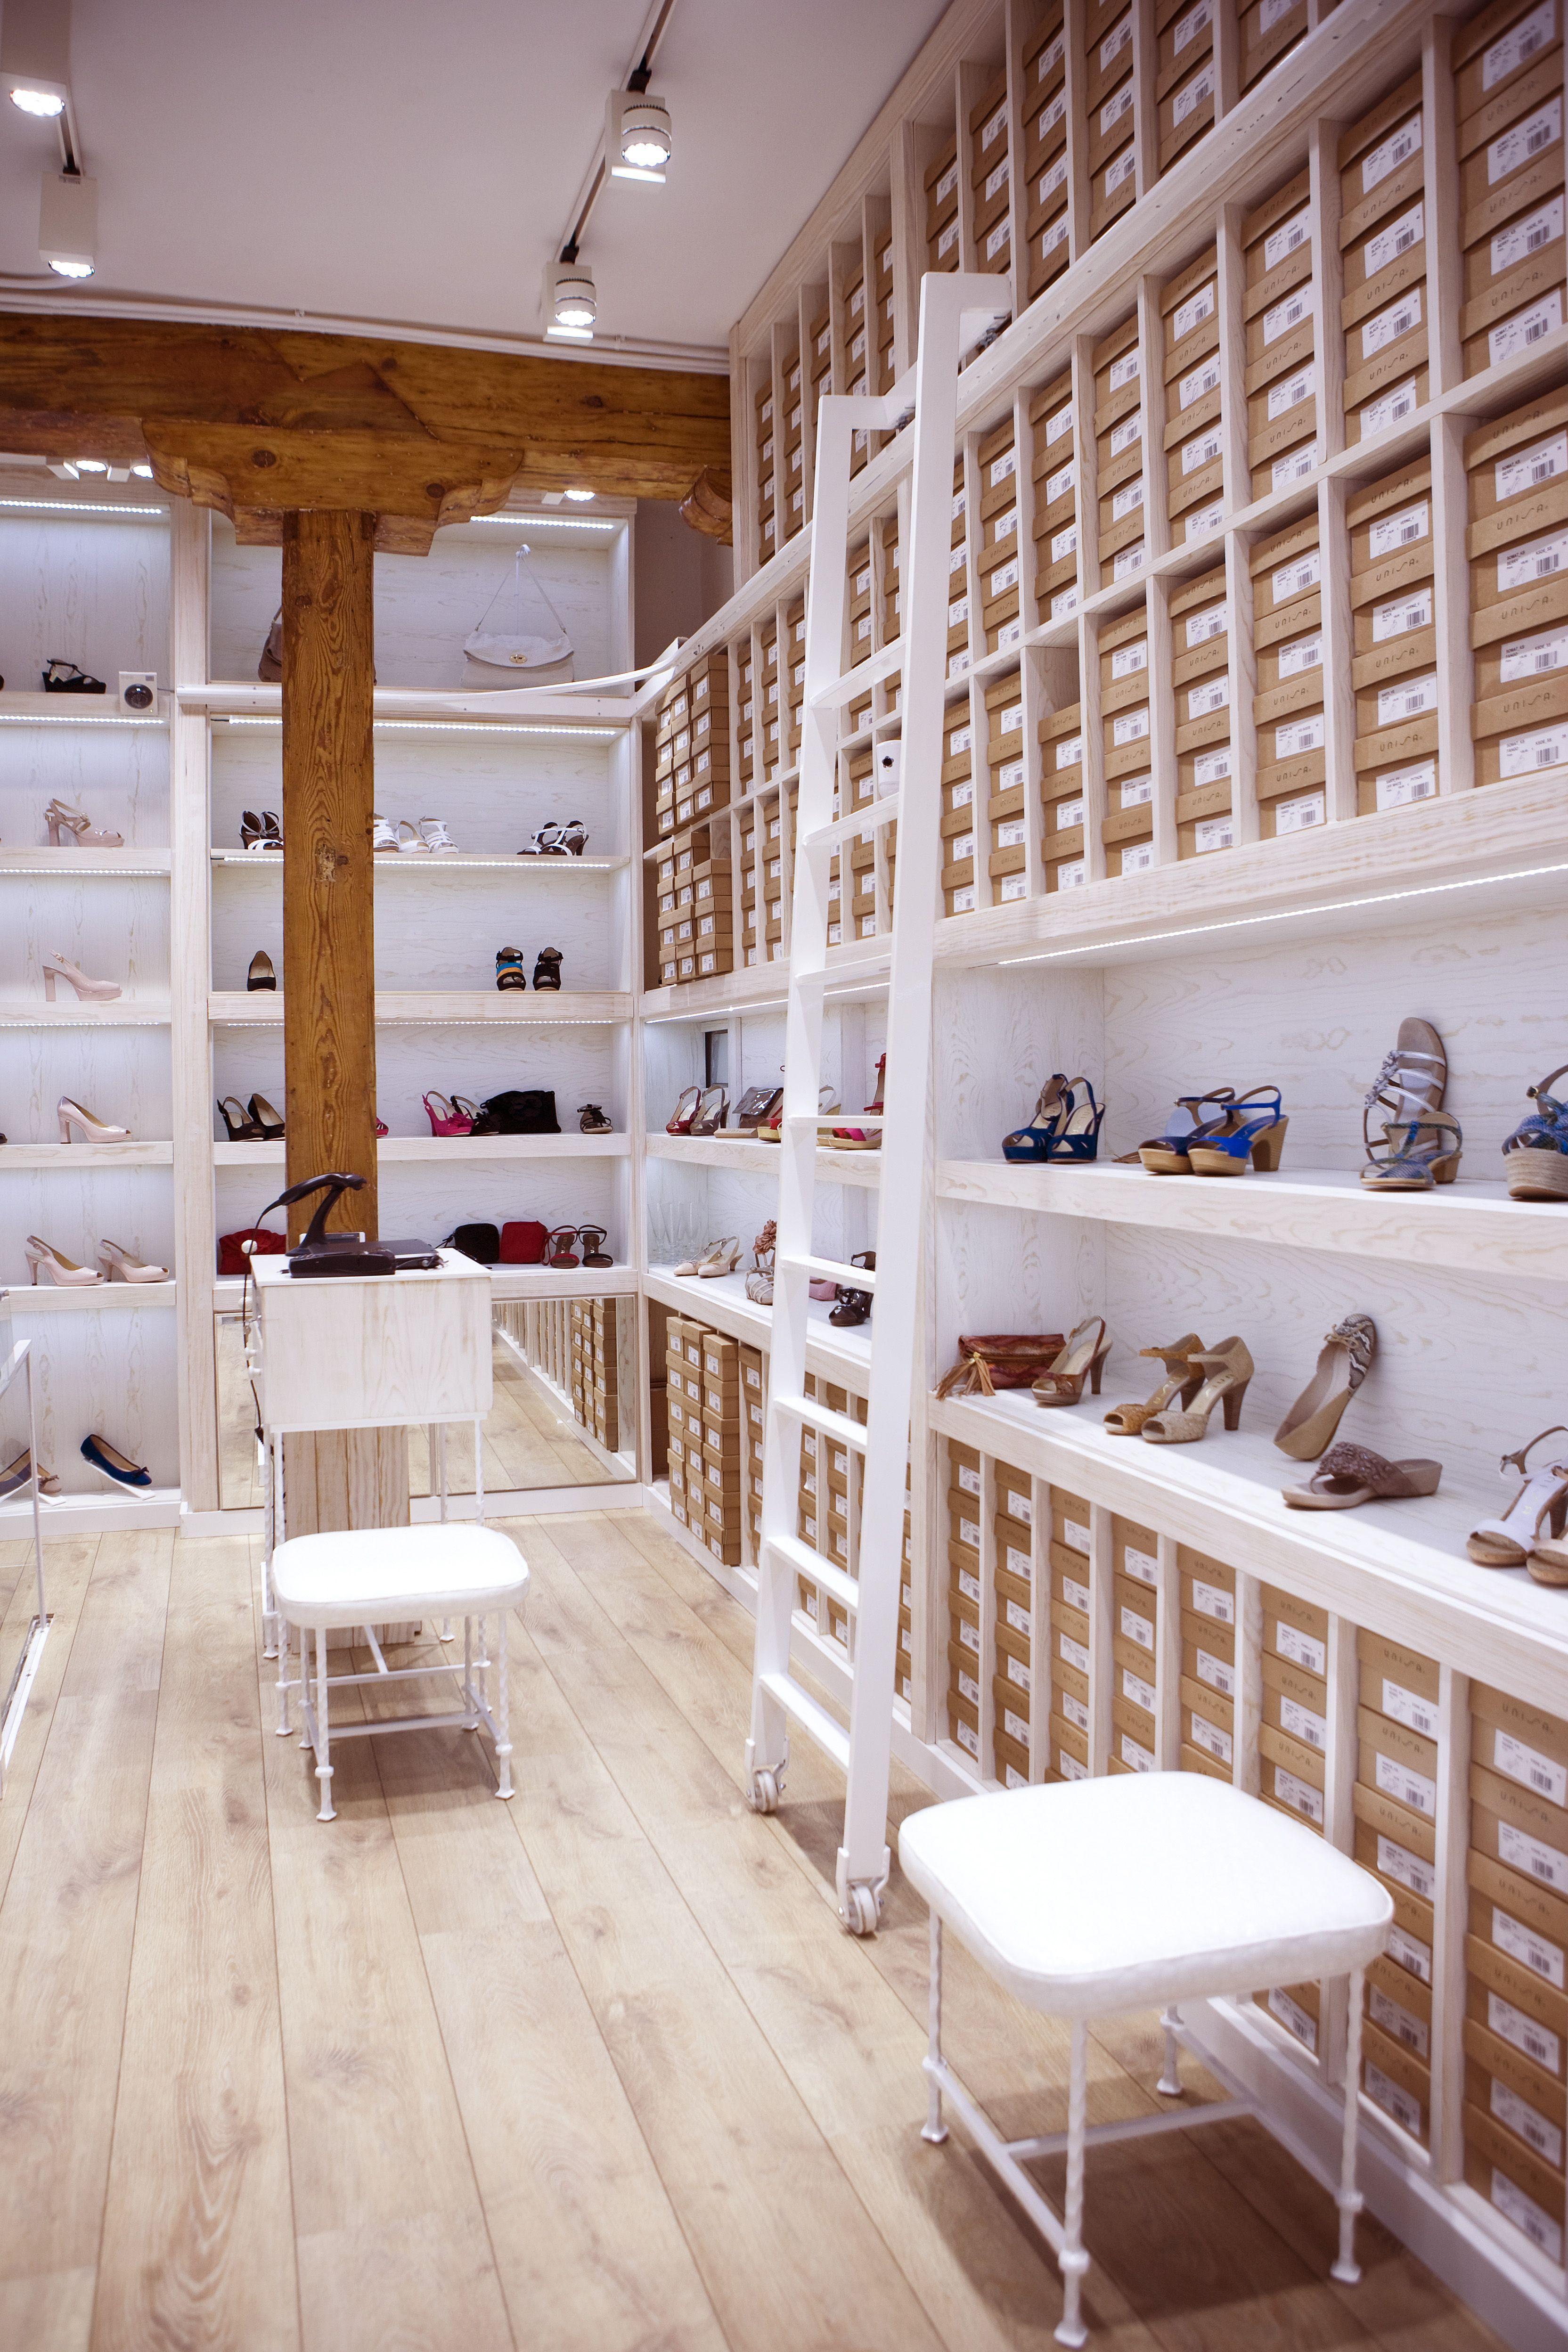 Unisa boutique Claudio Coello Madrid wwwunisaeuropacom unisa